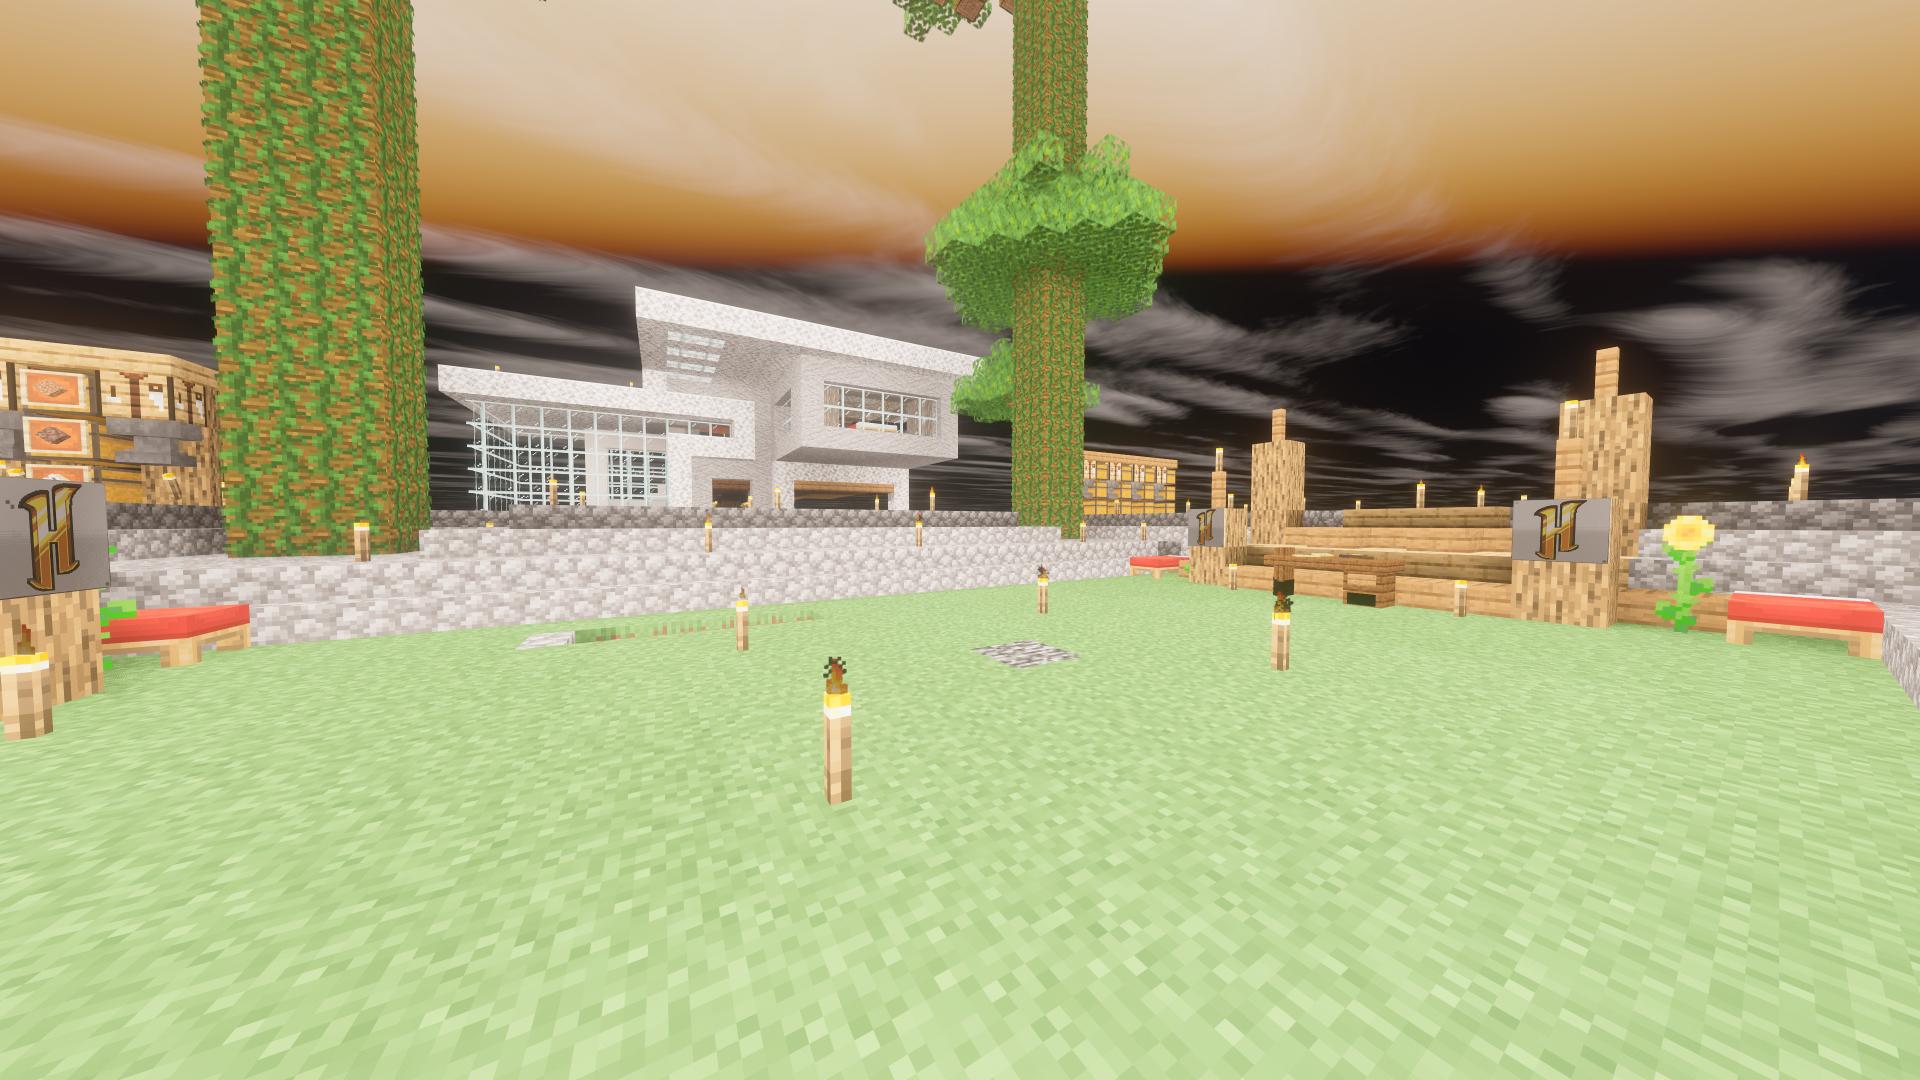 Fond Décran Minecraft Hypixel Skyblock 1920x1080 Badr